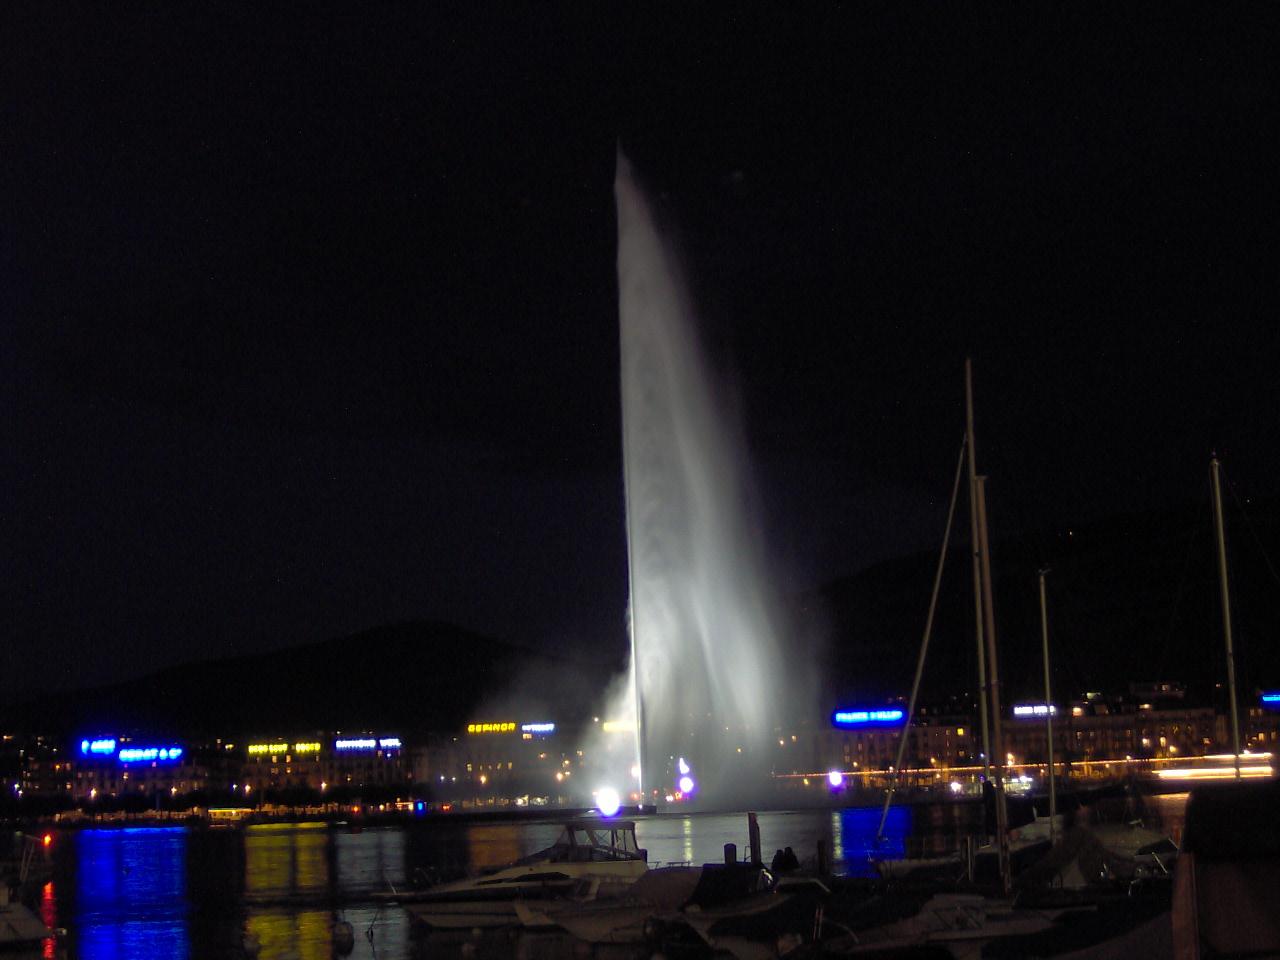 น้ำพุ เจ็ต เดอ อัว-ค่ำคืน